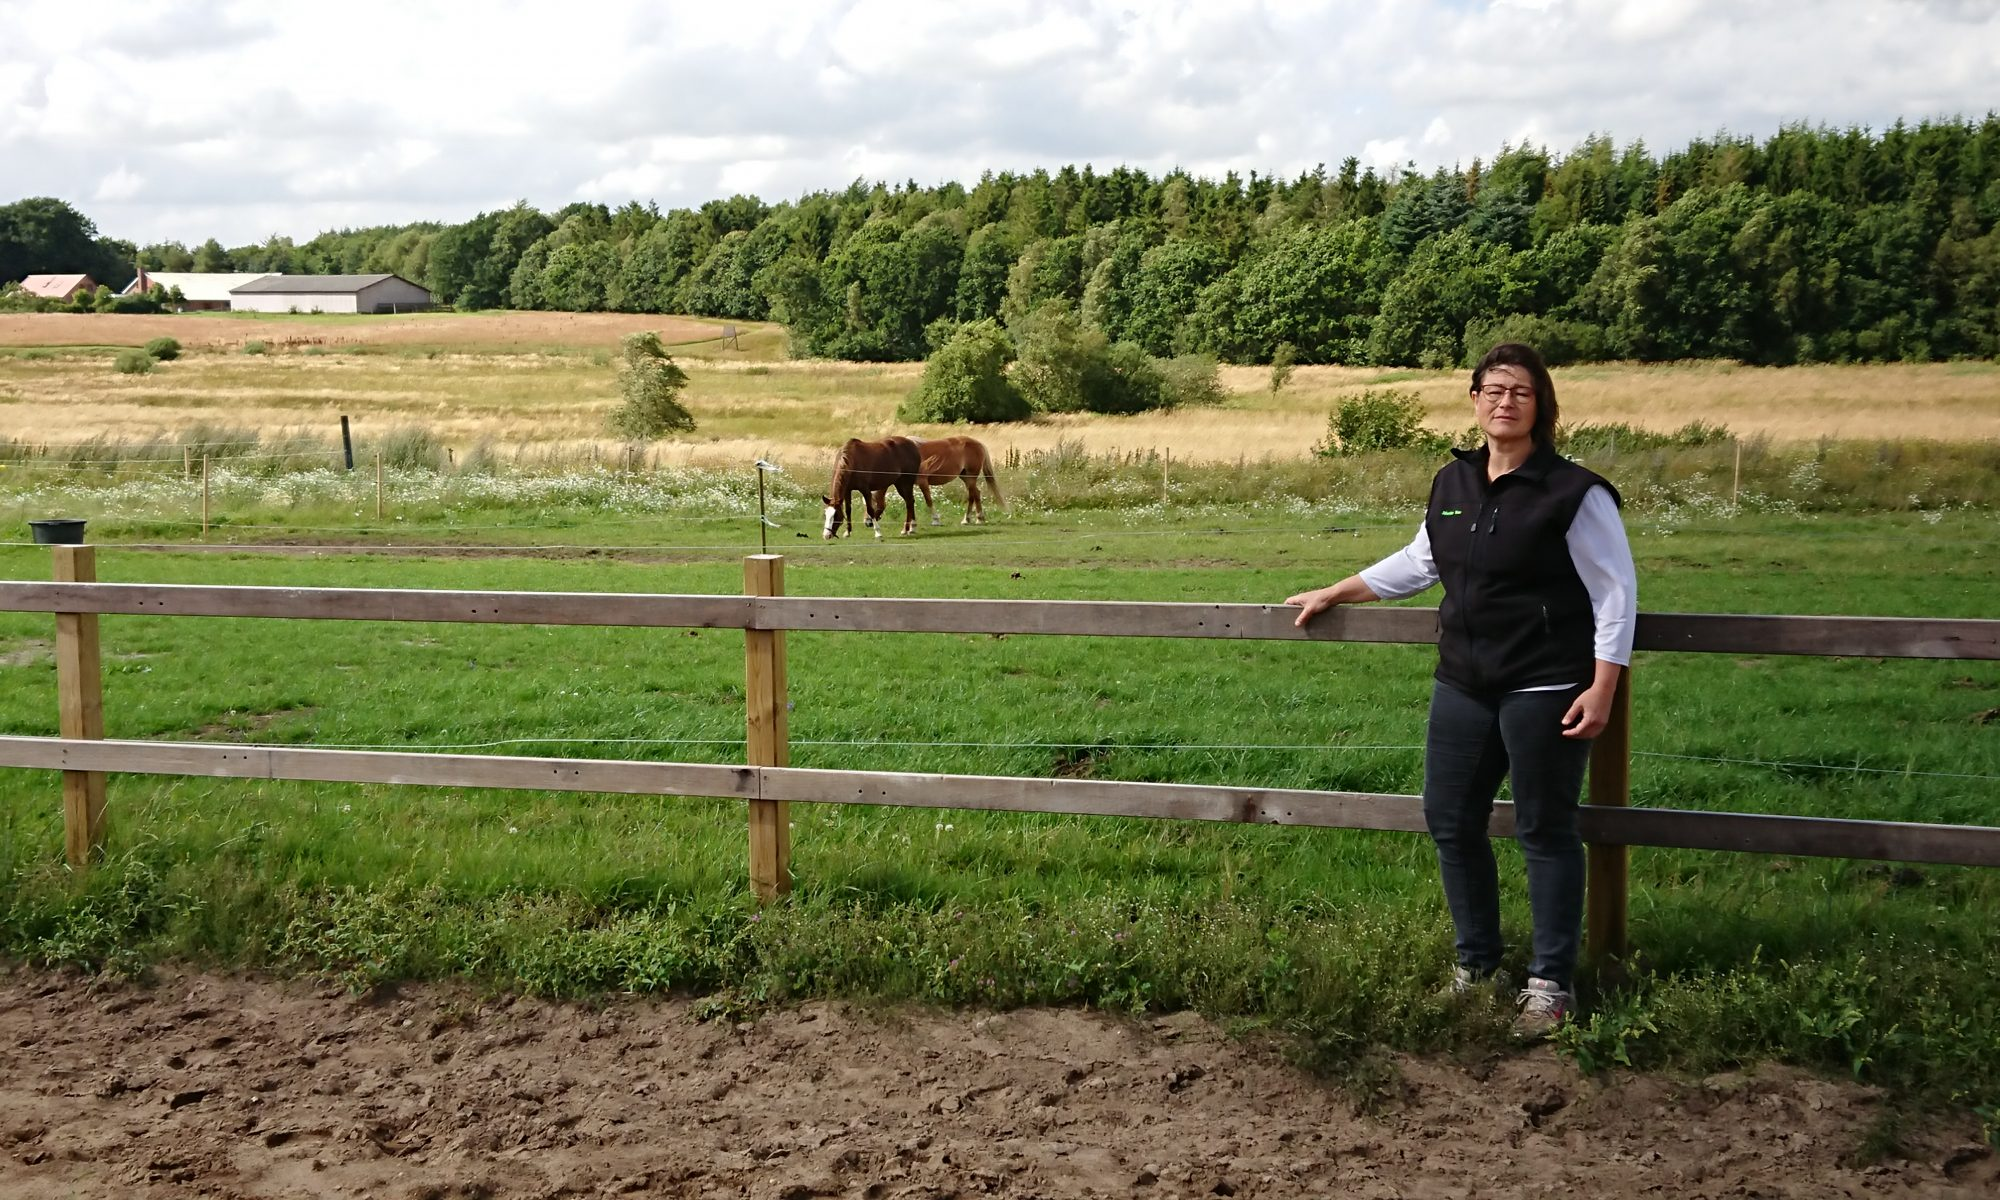 hest der taber sig